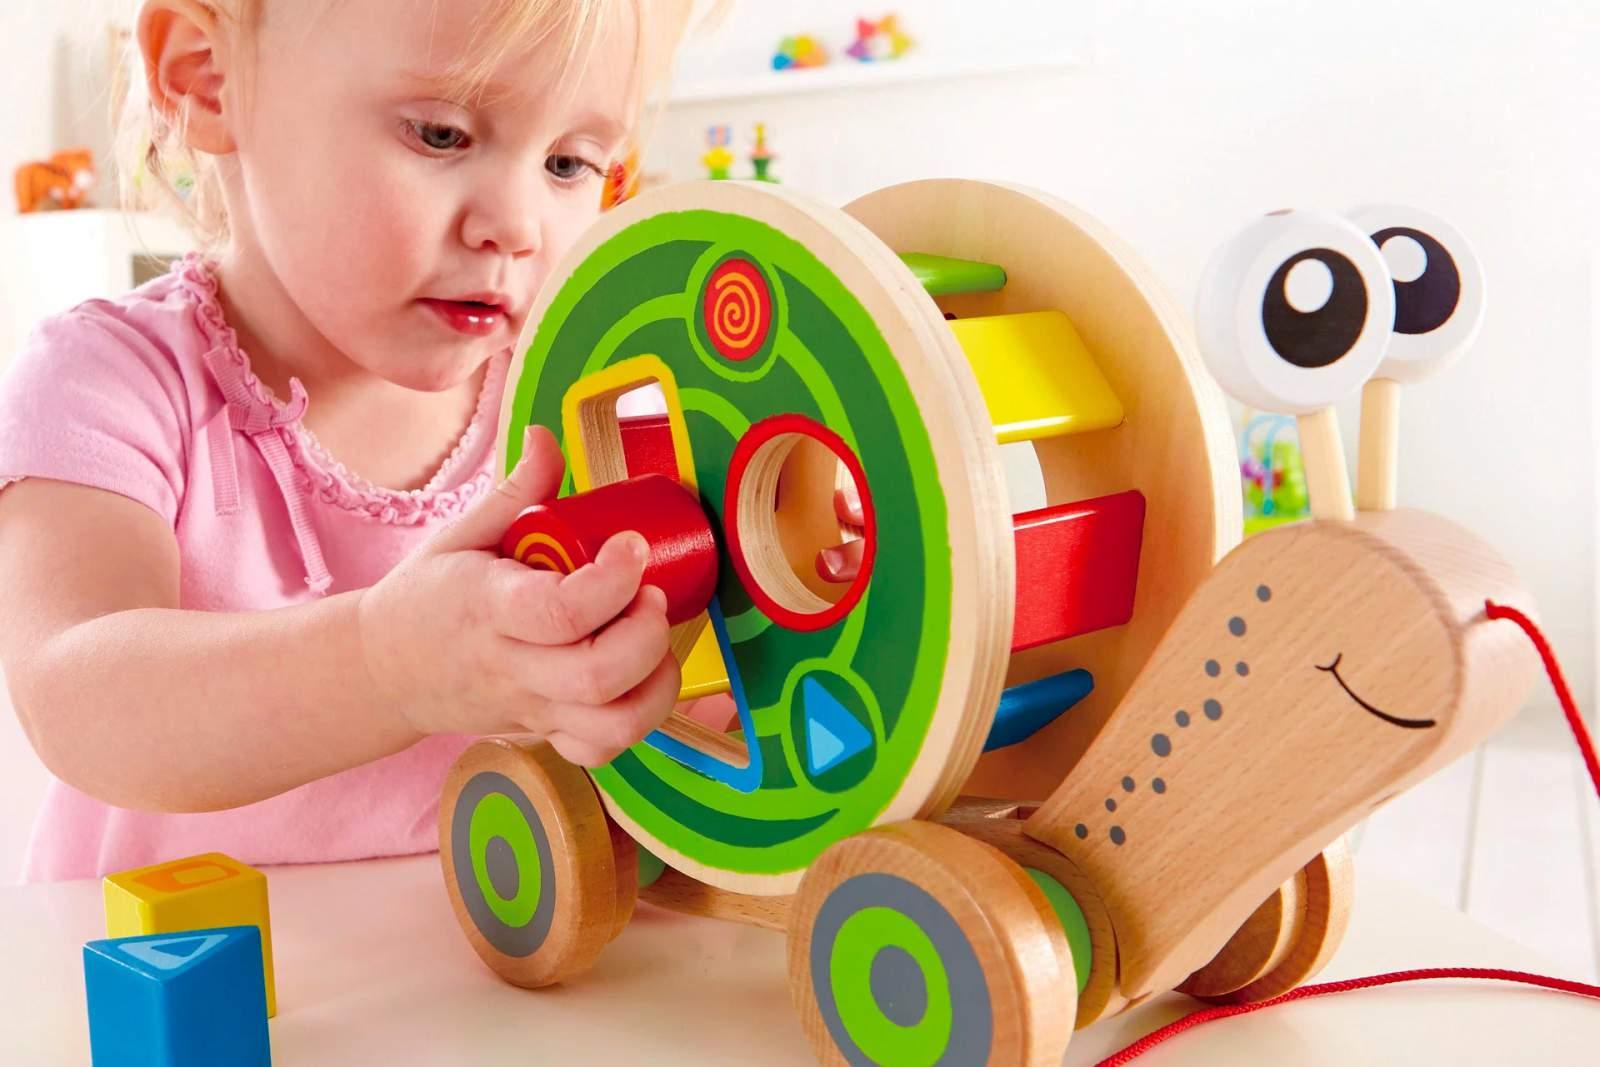 ¿Cansada de los juguetes que no duran? Conocé la mejor marca de juguetes para tus chicos